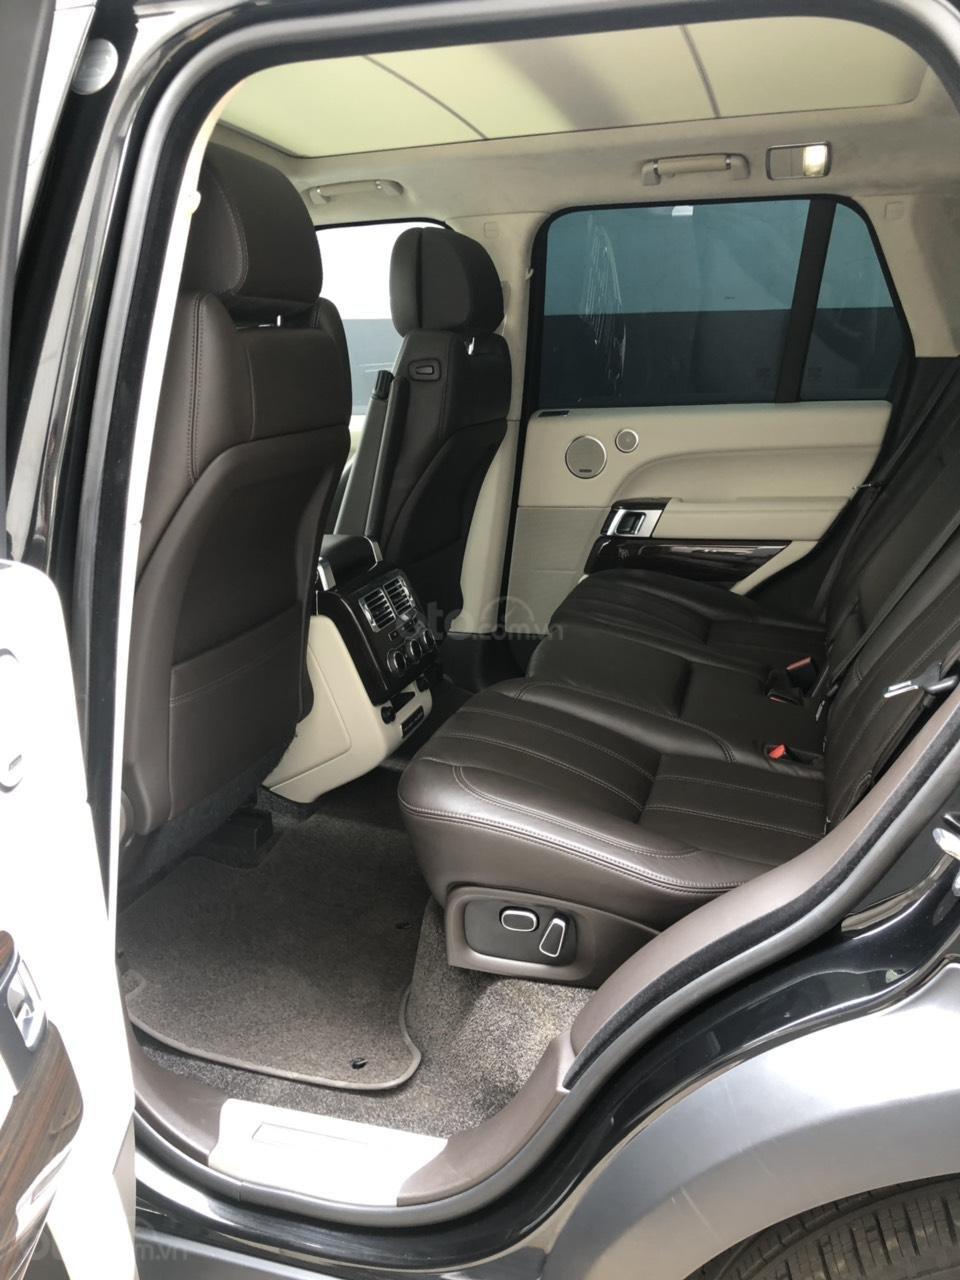 Chính chủ bán giá xe Range Rover Vogue màu đen 2015 xe đẹp giá tốt 093 2222253-9